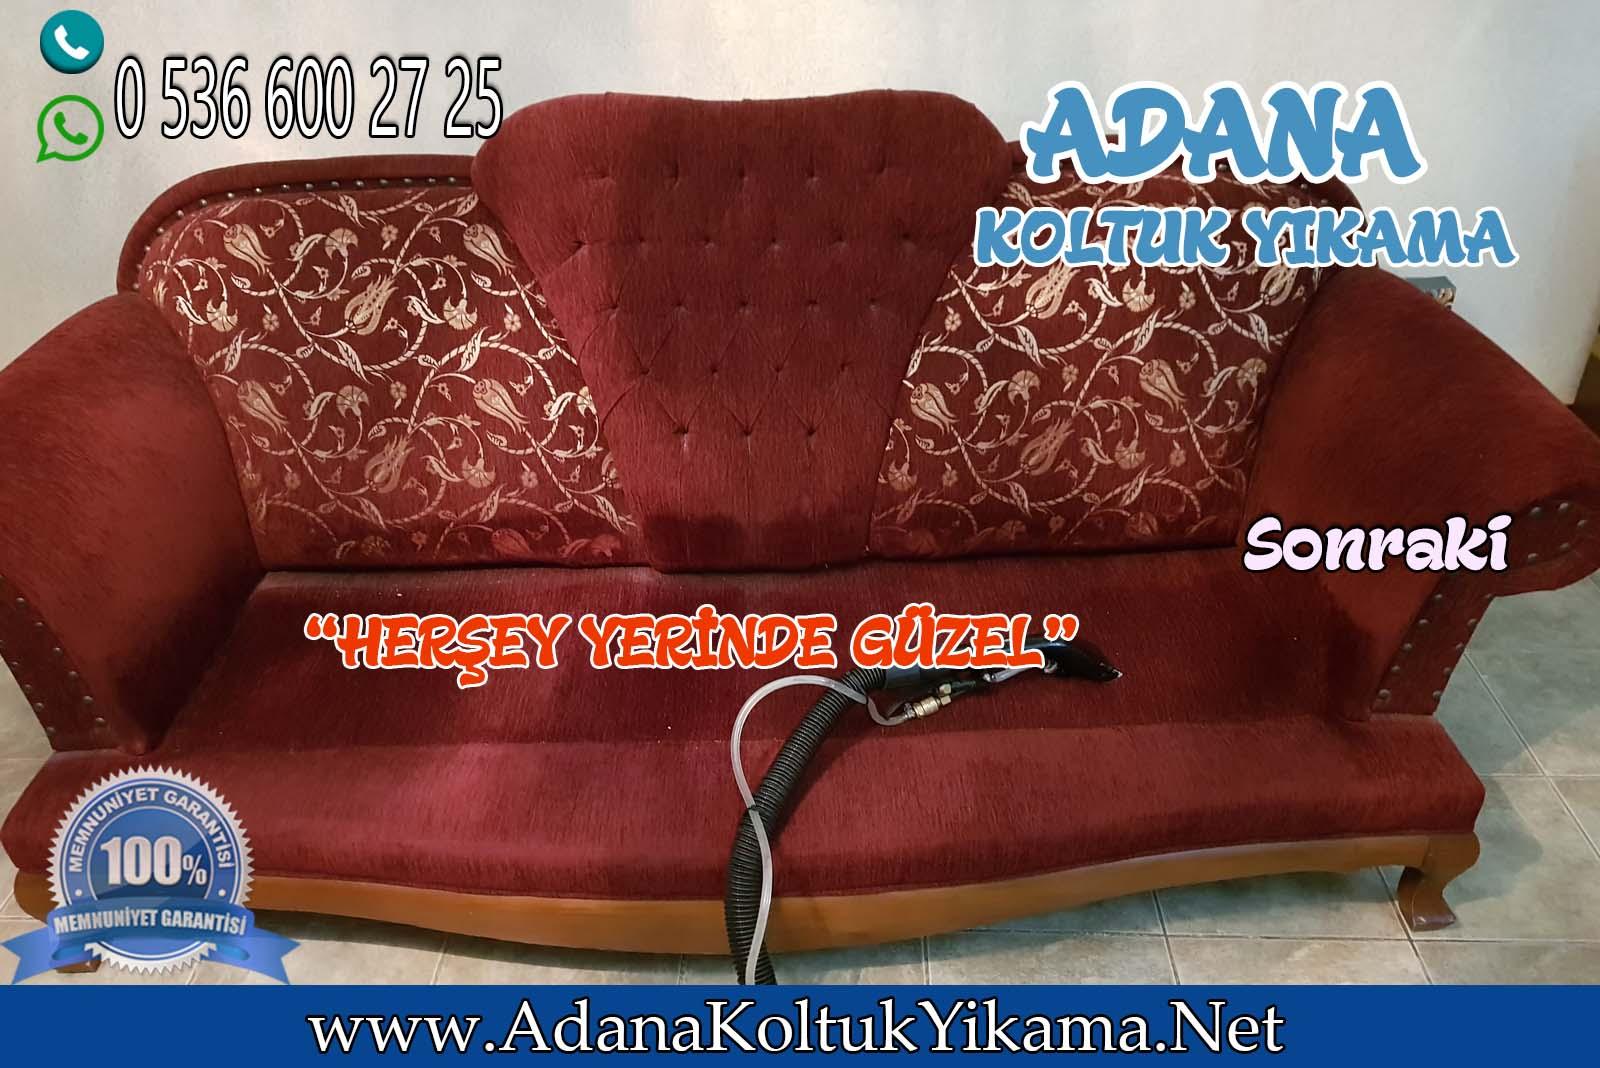 Adana Koltuk Yıkama Güzelyalı Mahallesinde !